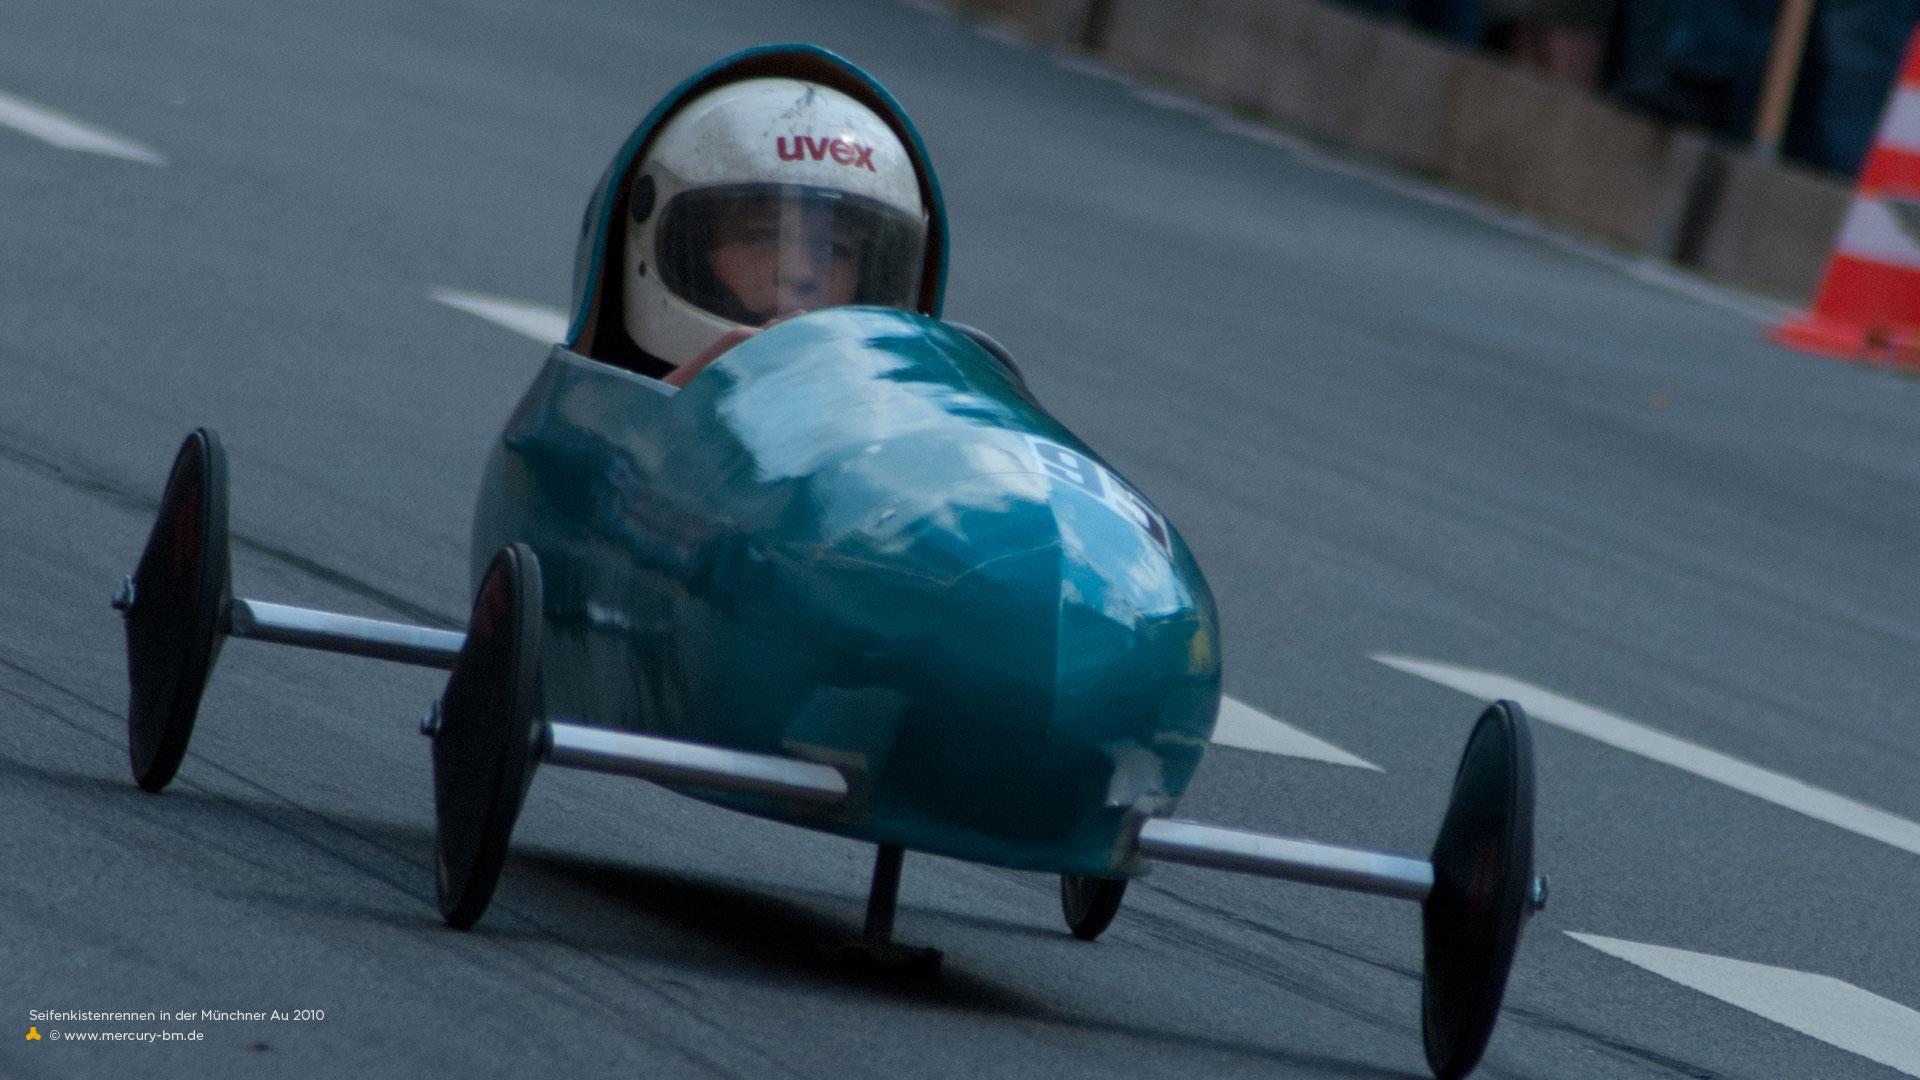 Rennwagen beim Seifenkisten-Rennen in München